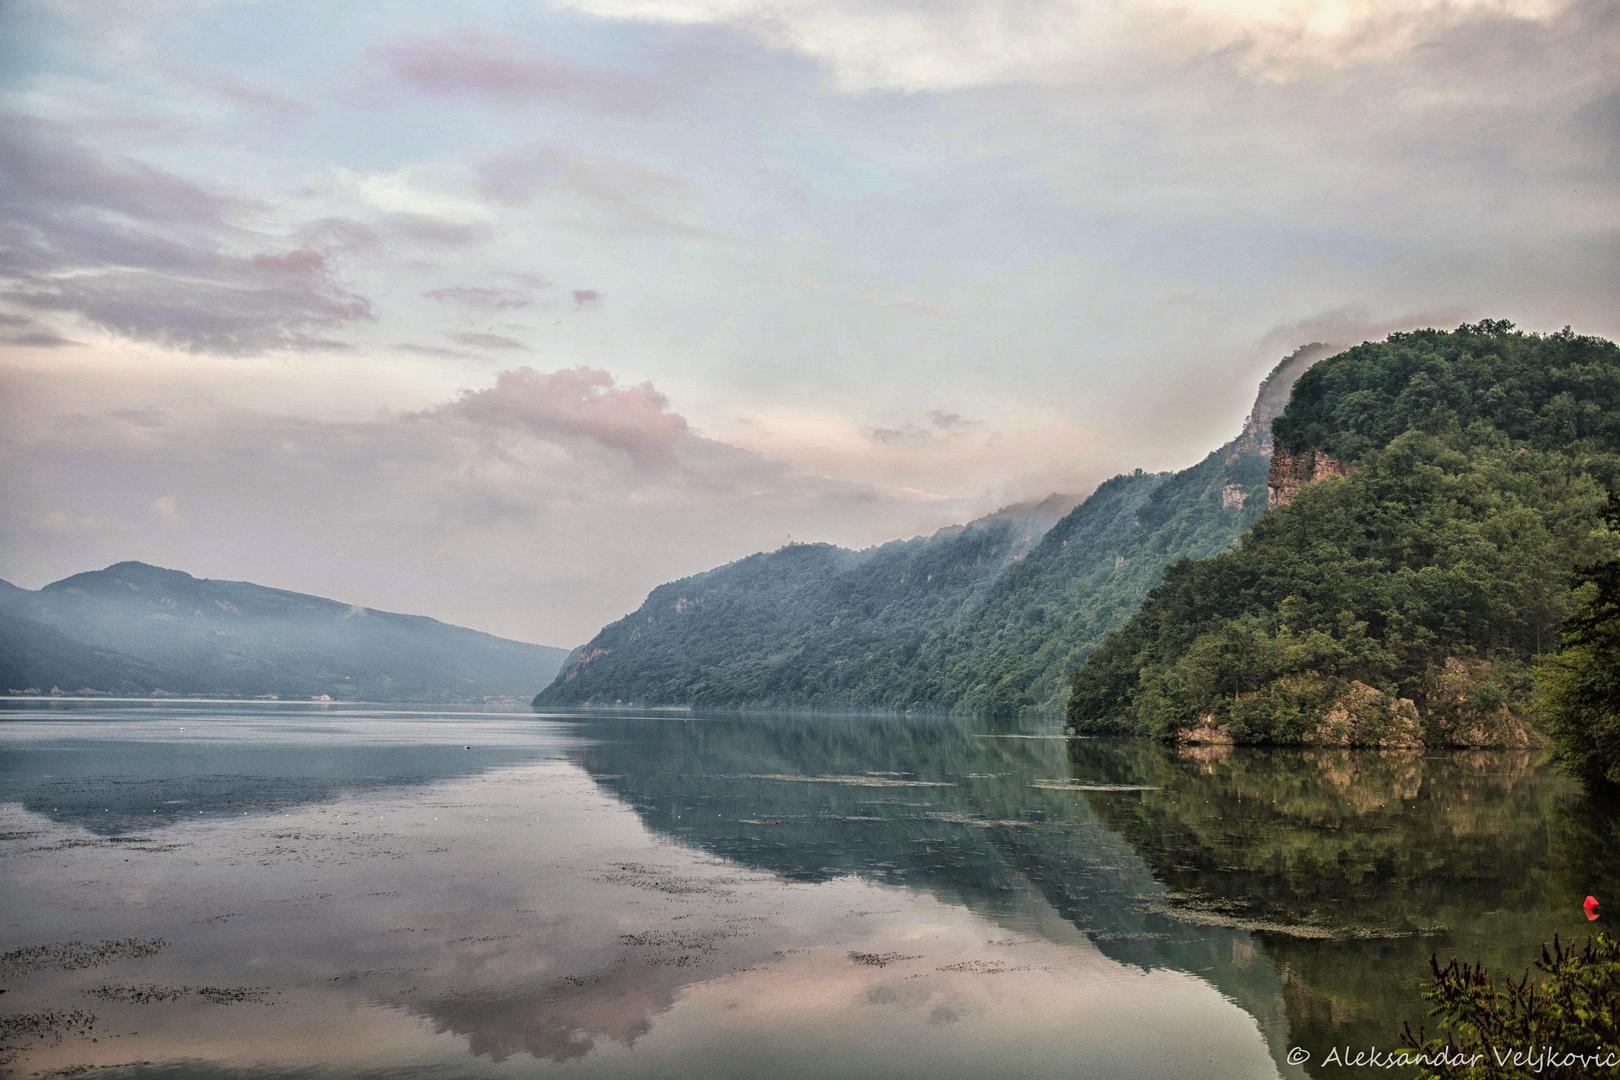 Greben ogledan u Dunavu